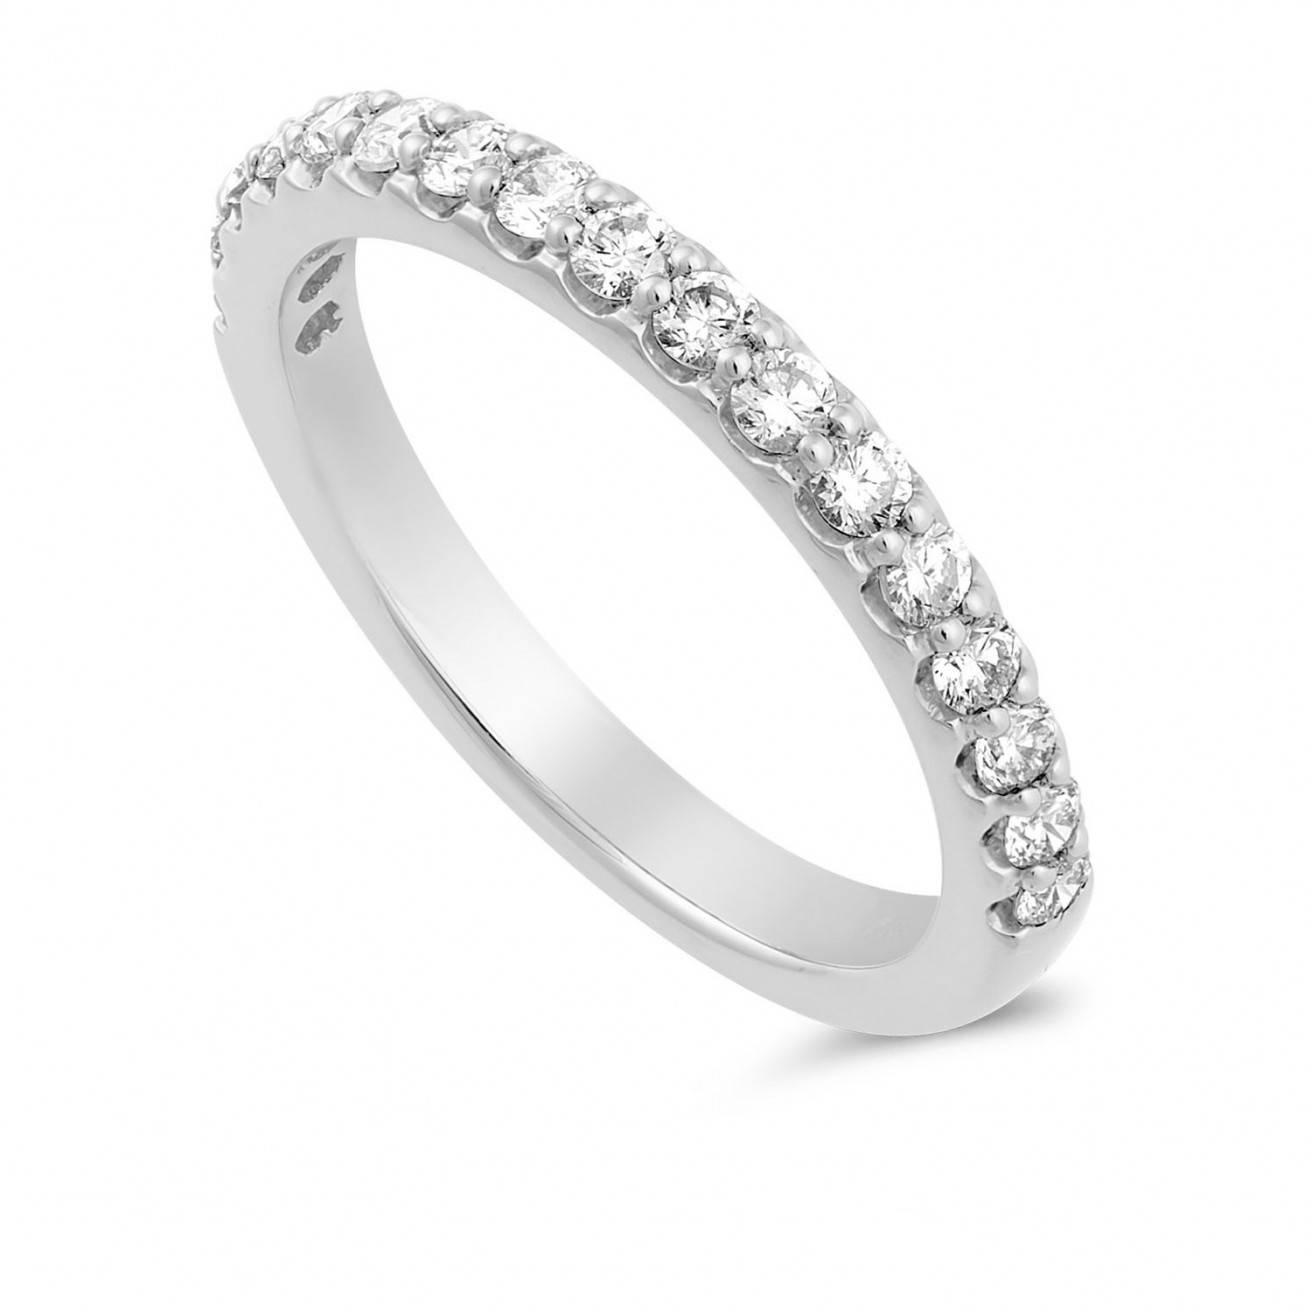 Buy Platinum Wedding Bands Online – Fraser Hart Inside Latest Platinum Wedding Band With Diamonds (View 1 of 15)